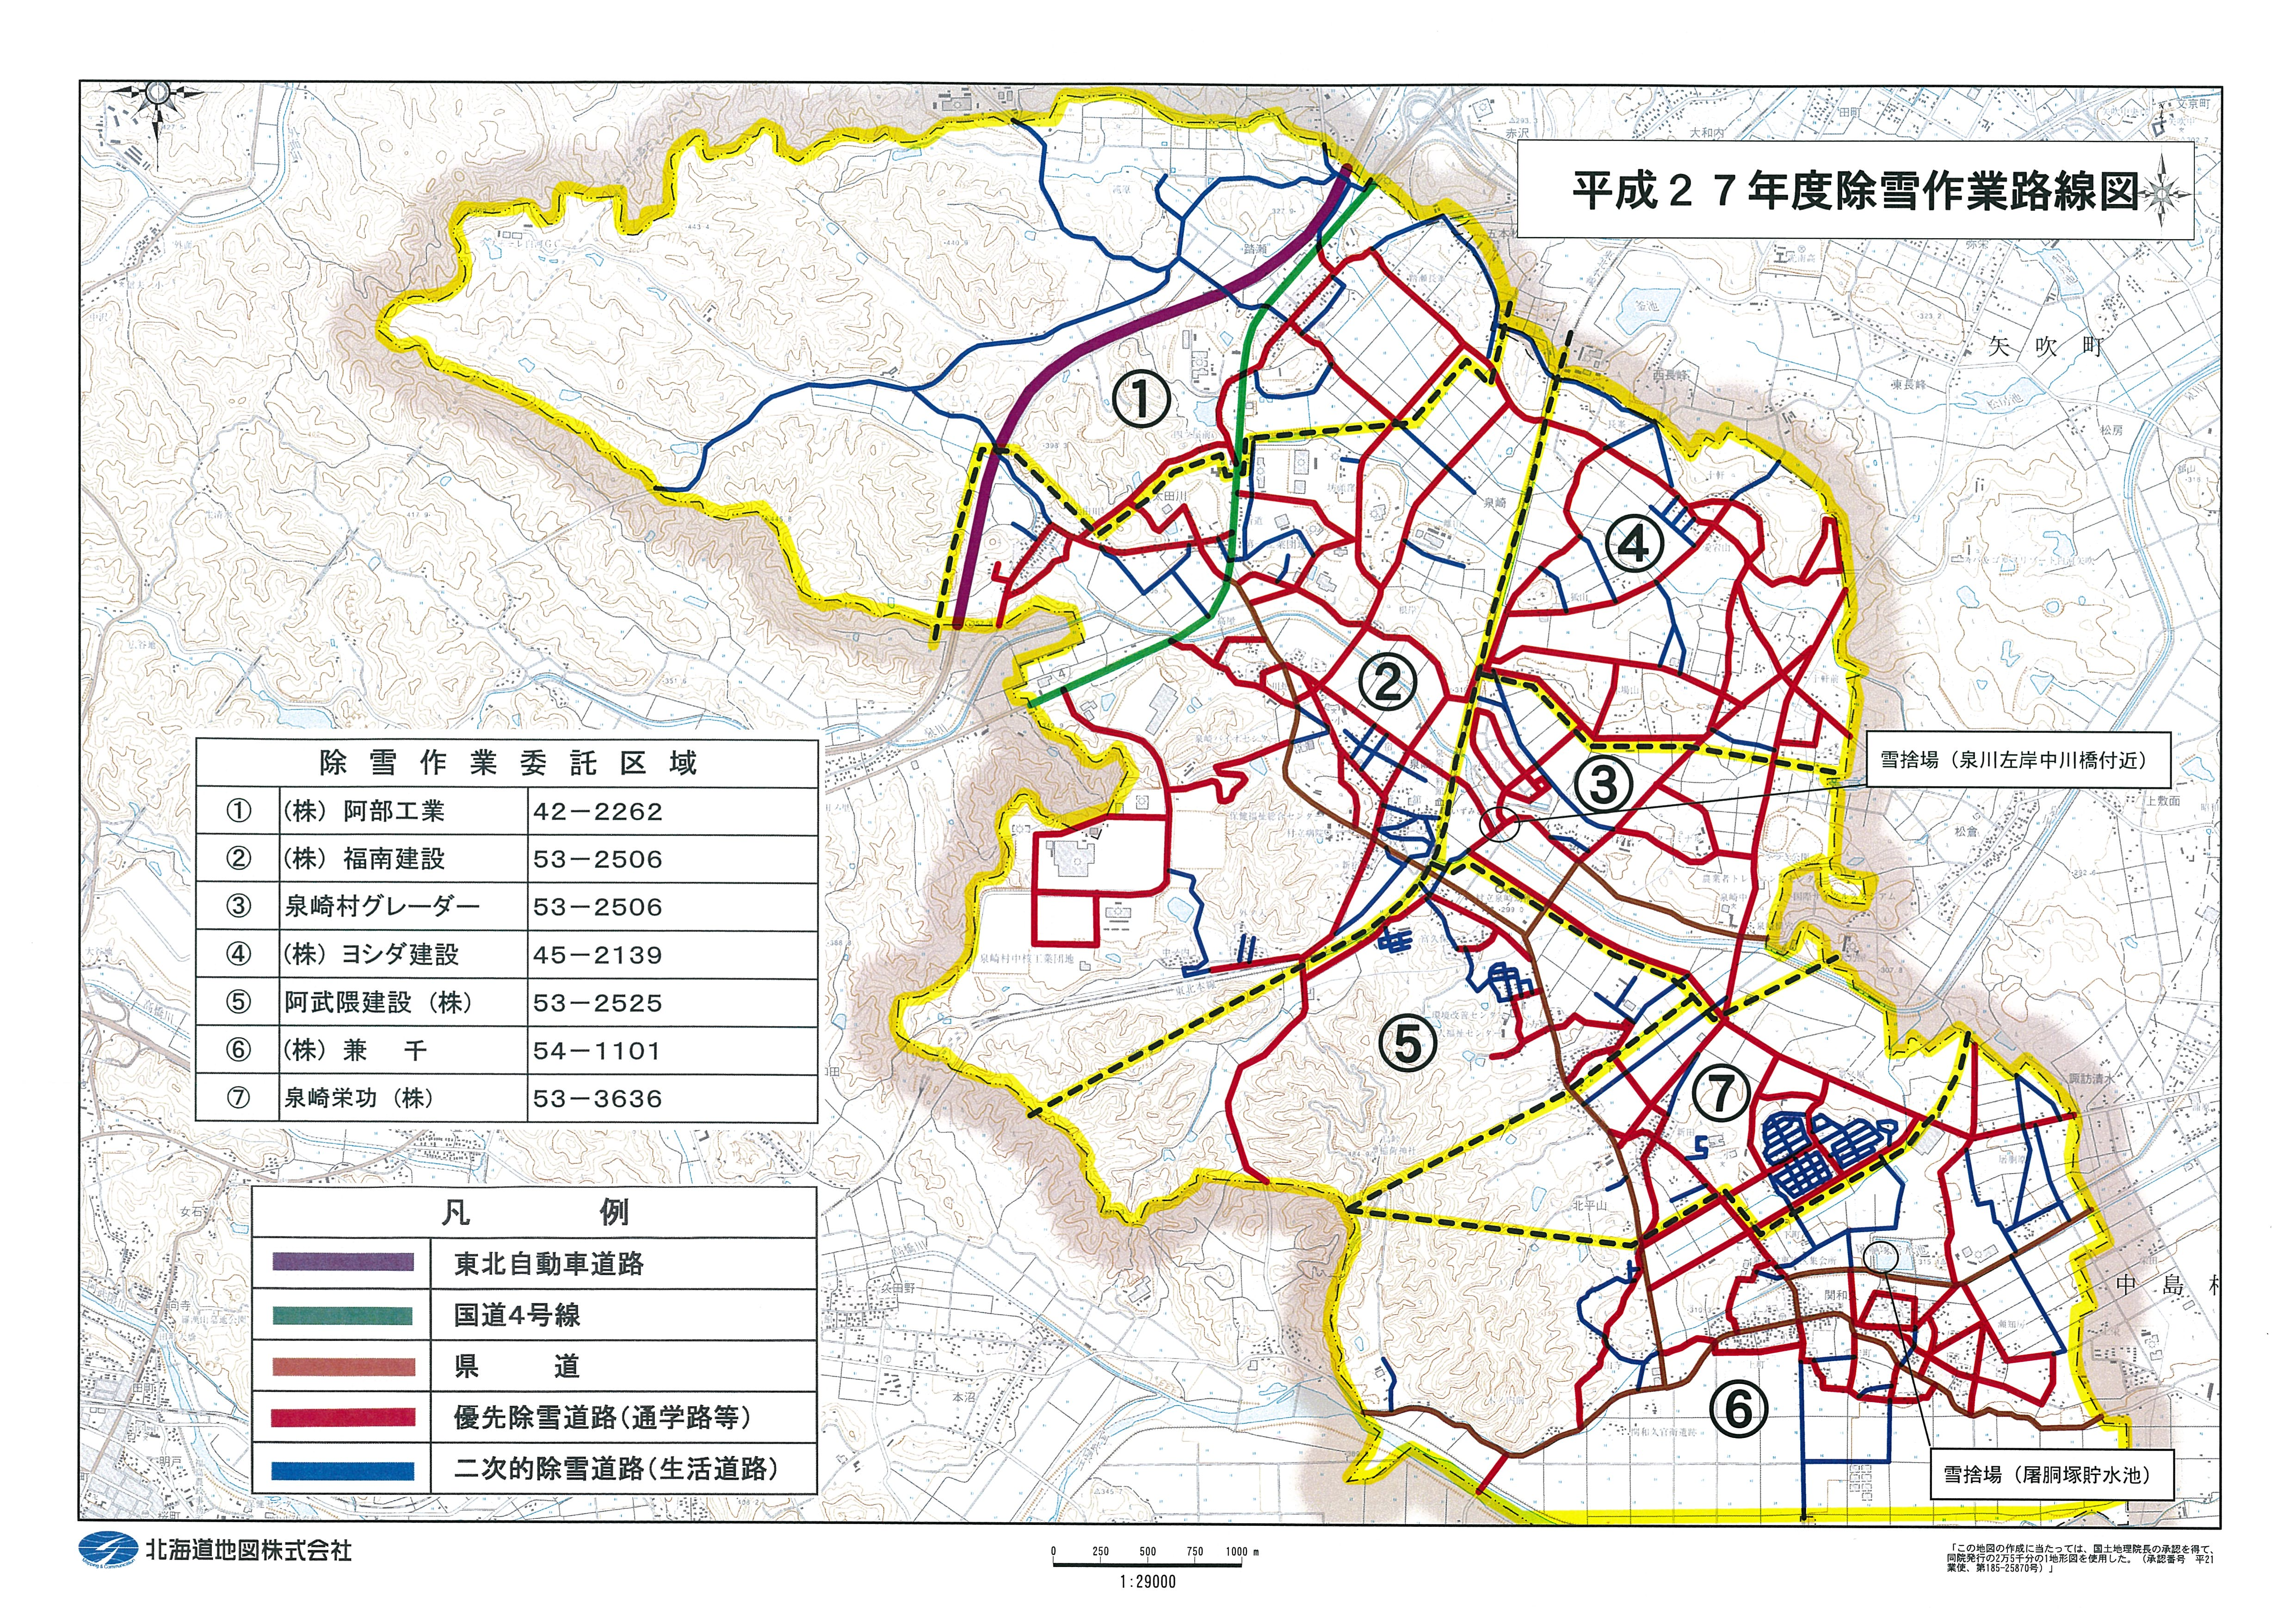 『平成27年度除雪作業路線図』の画像